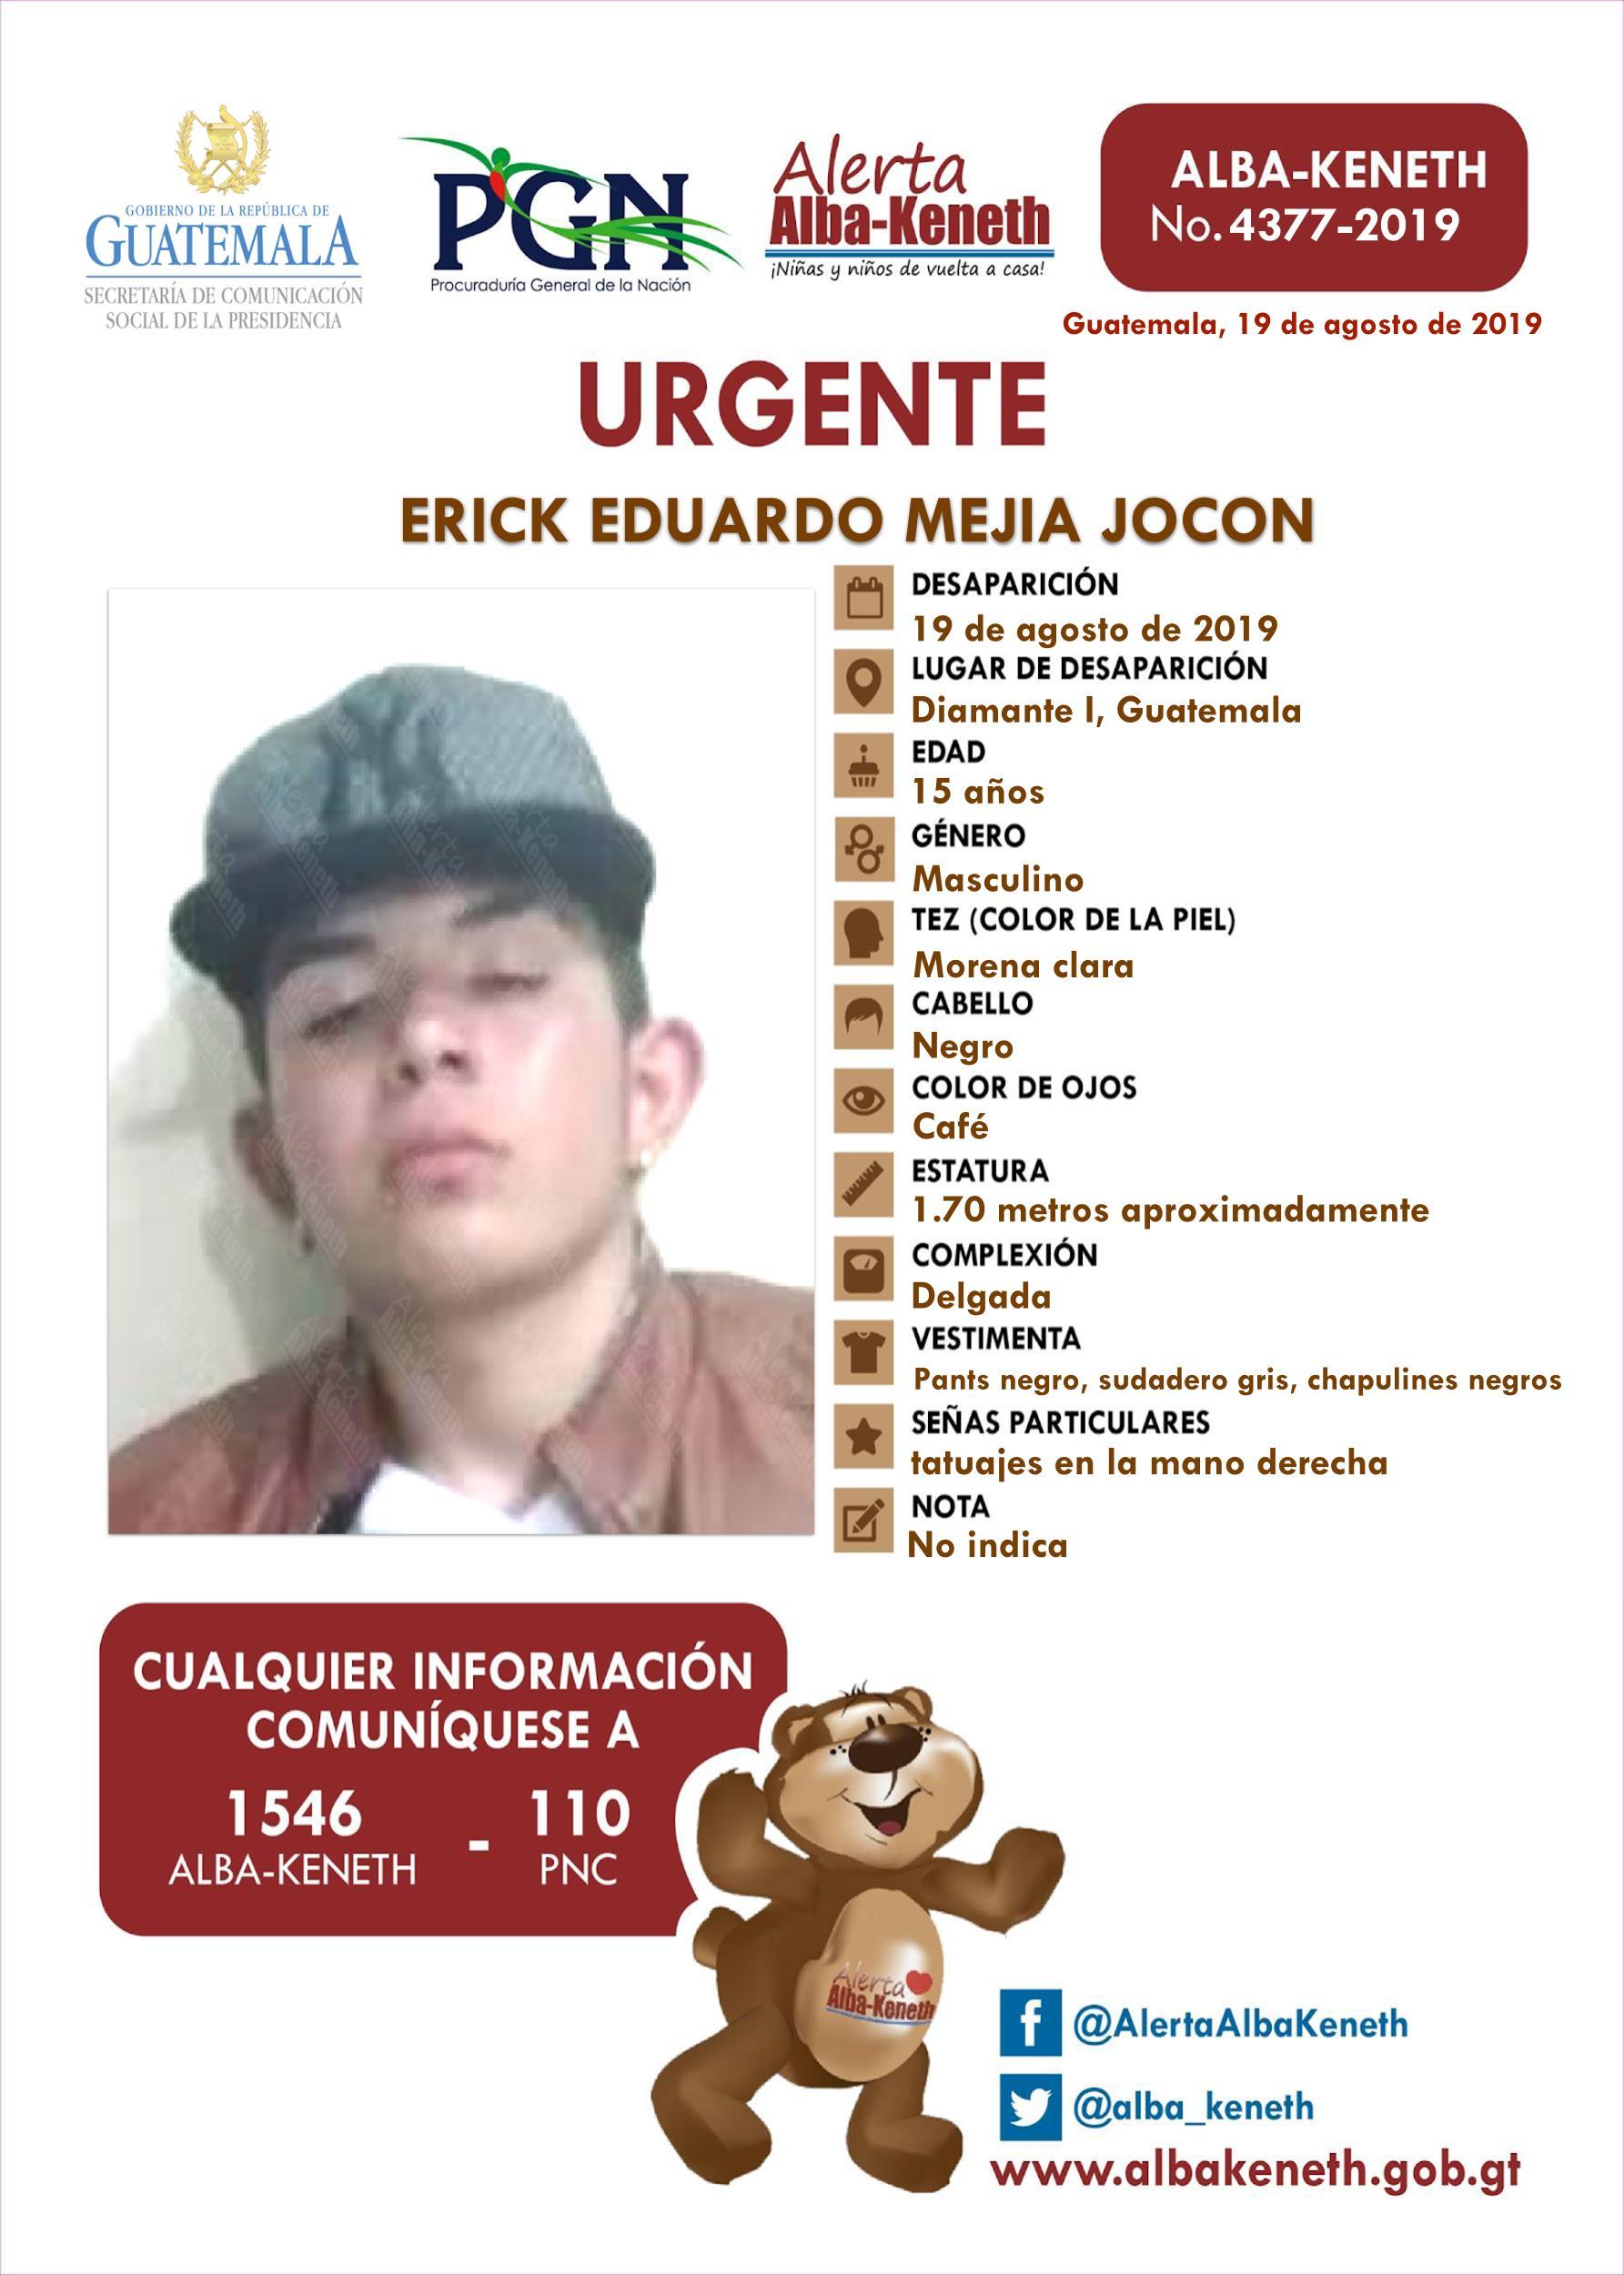 Erick Eduardo Mejia Jocon